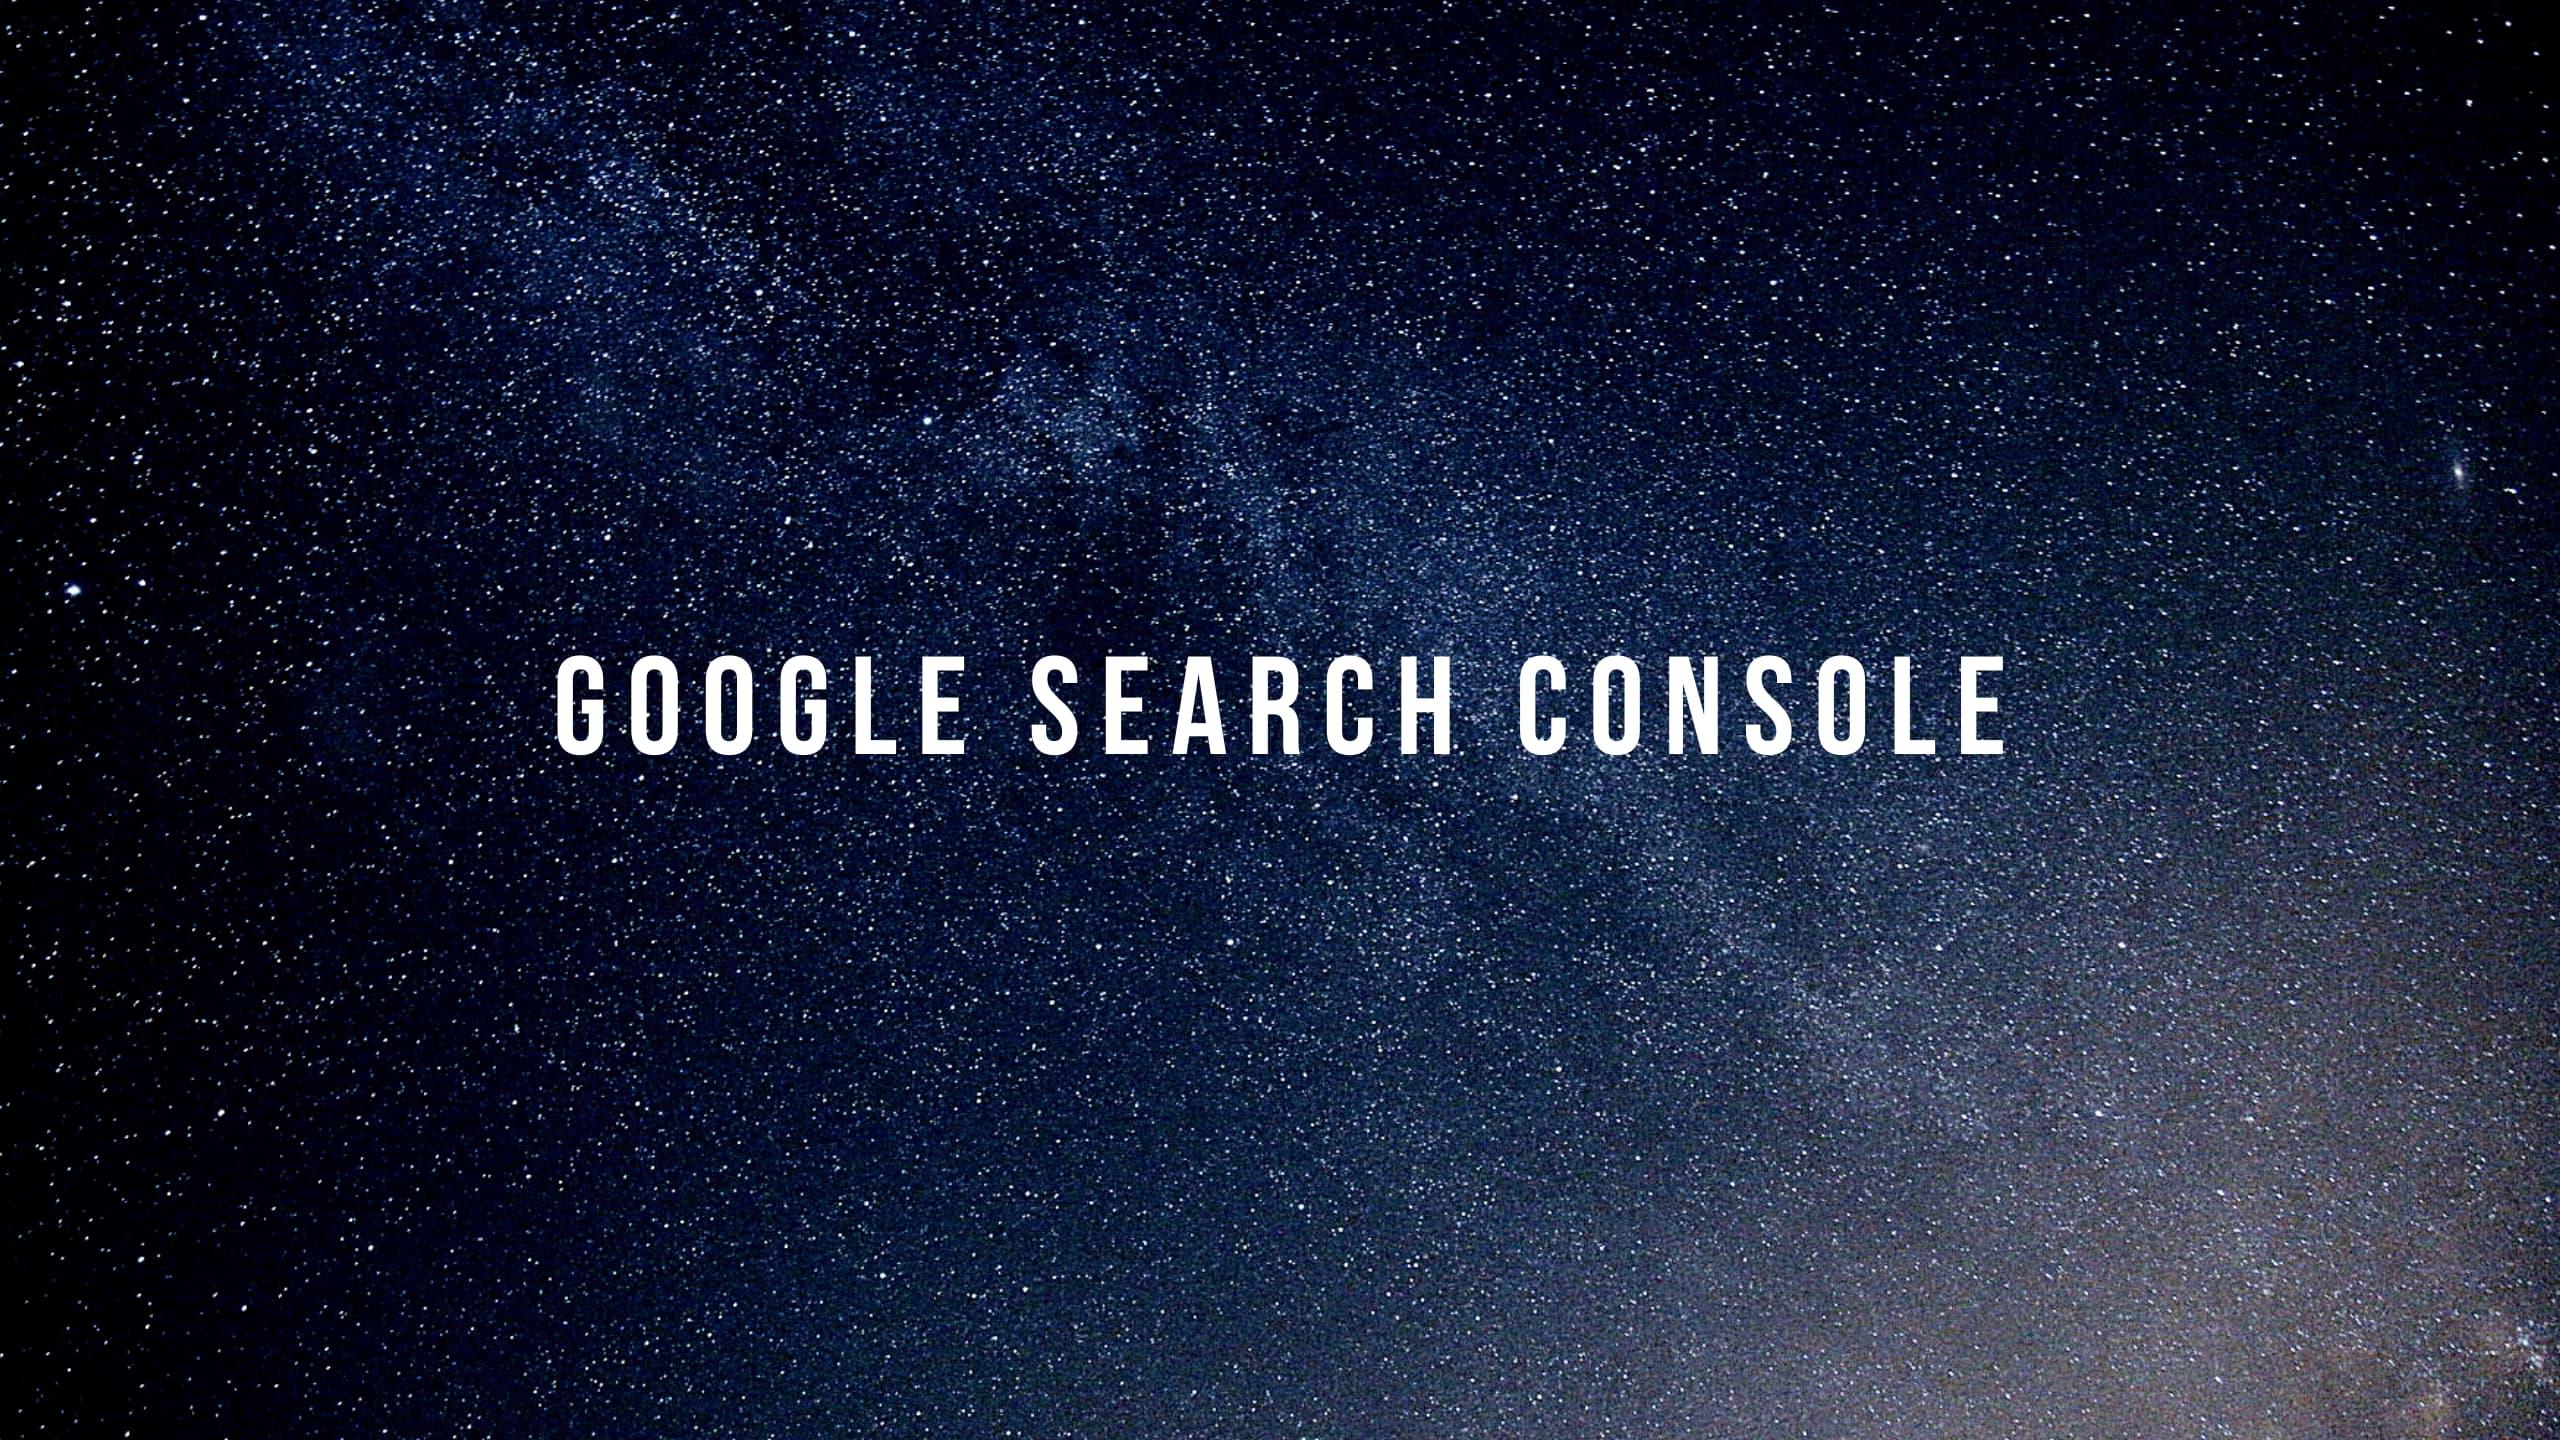 google search console 2